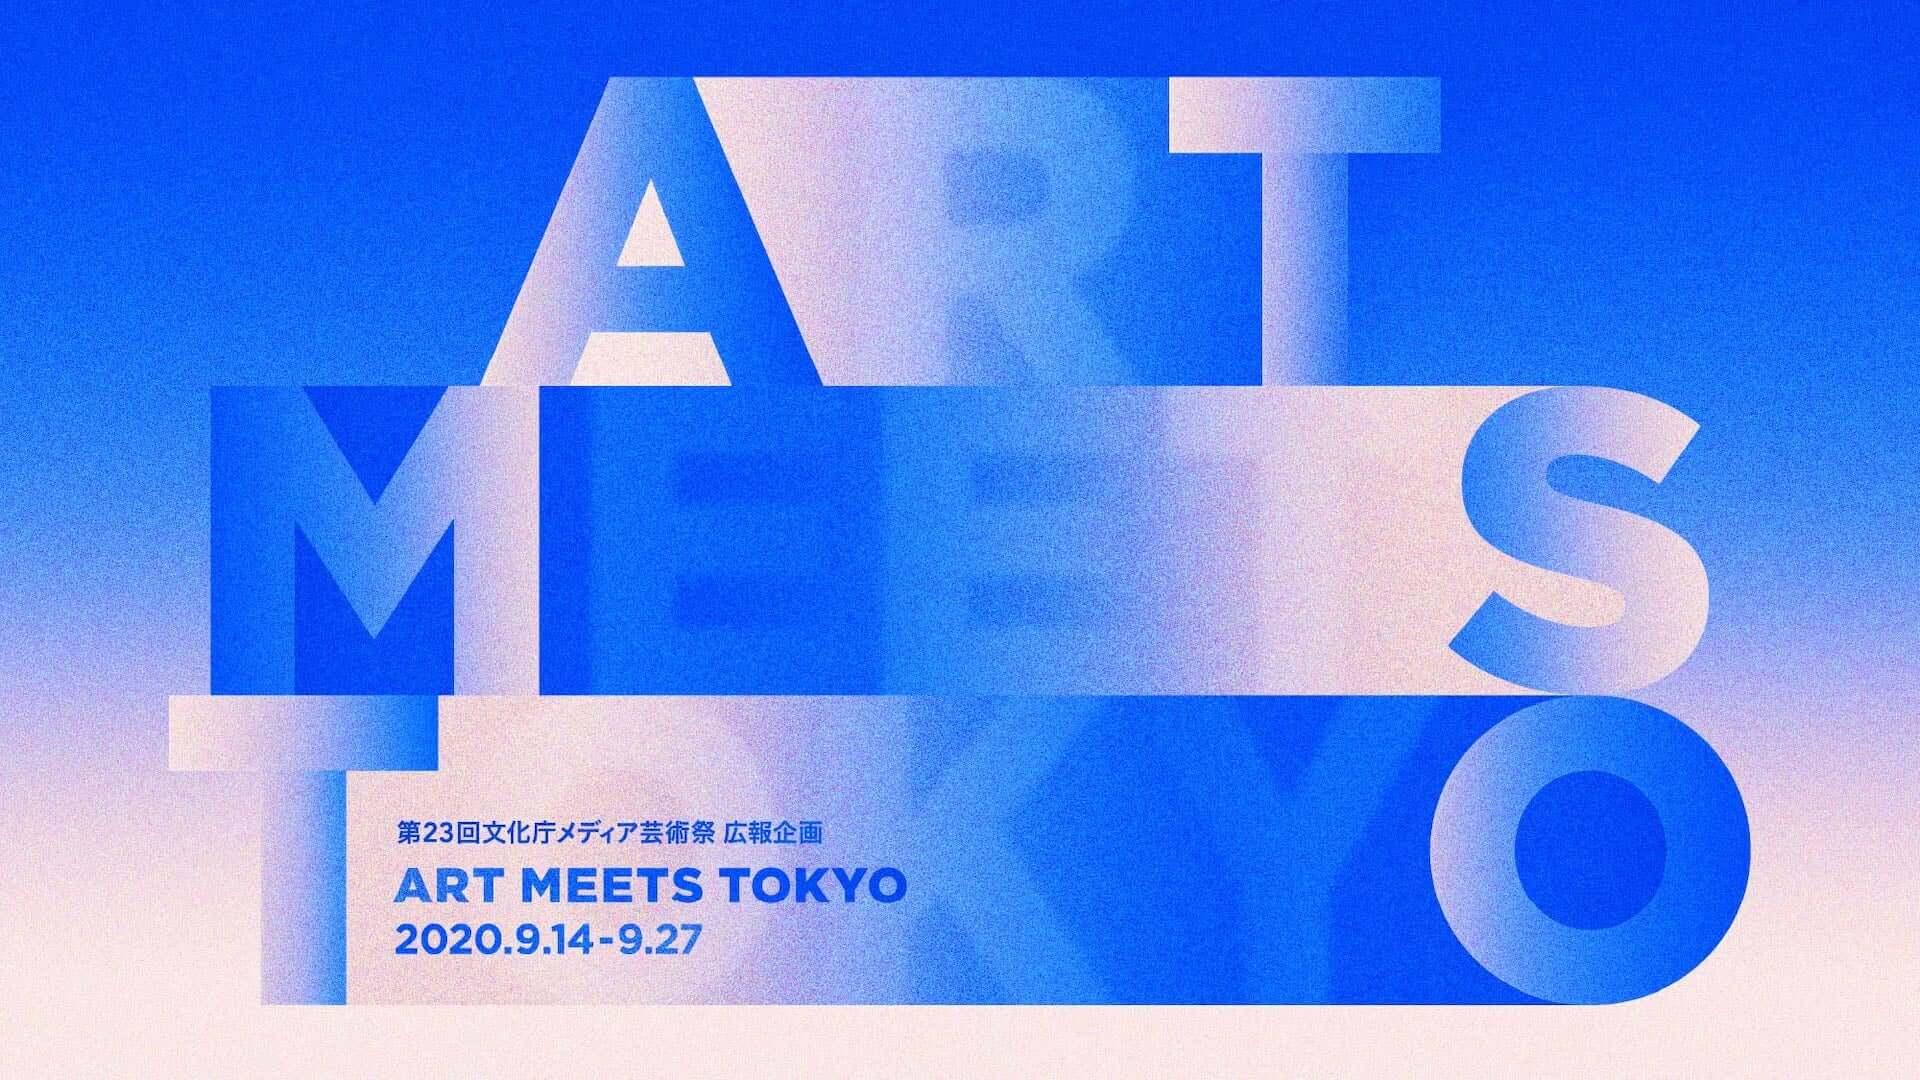 <第23回文化庁メディア芸術祭>広報企画の詳細が公開!「MAPP_」が手掛けるプロジェクションマッピングも art200910_art-meets-tokyo_7-1920x1080